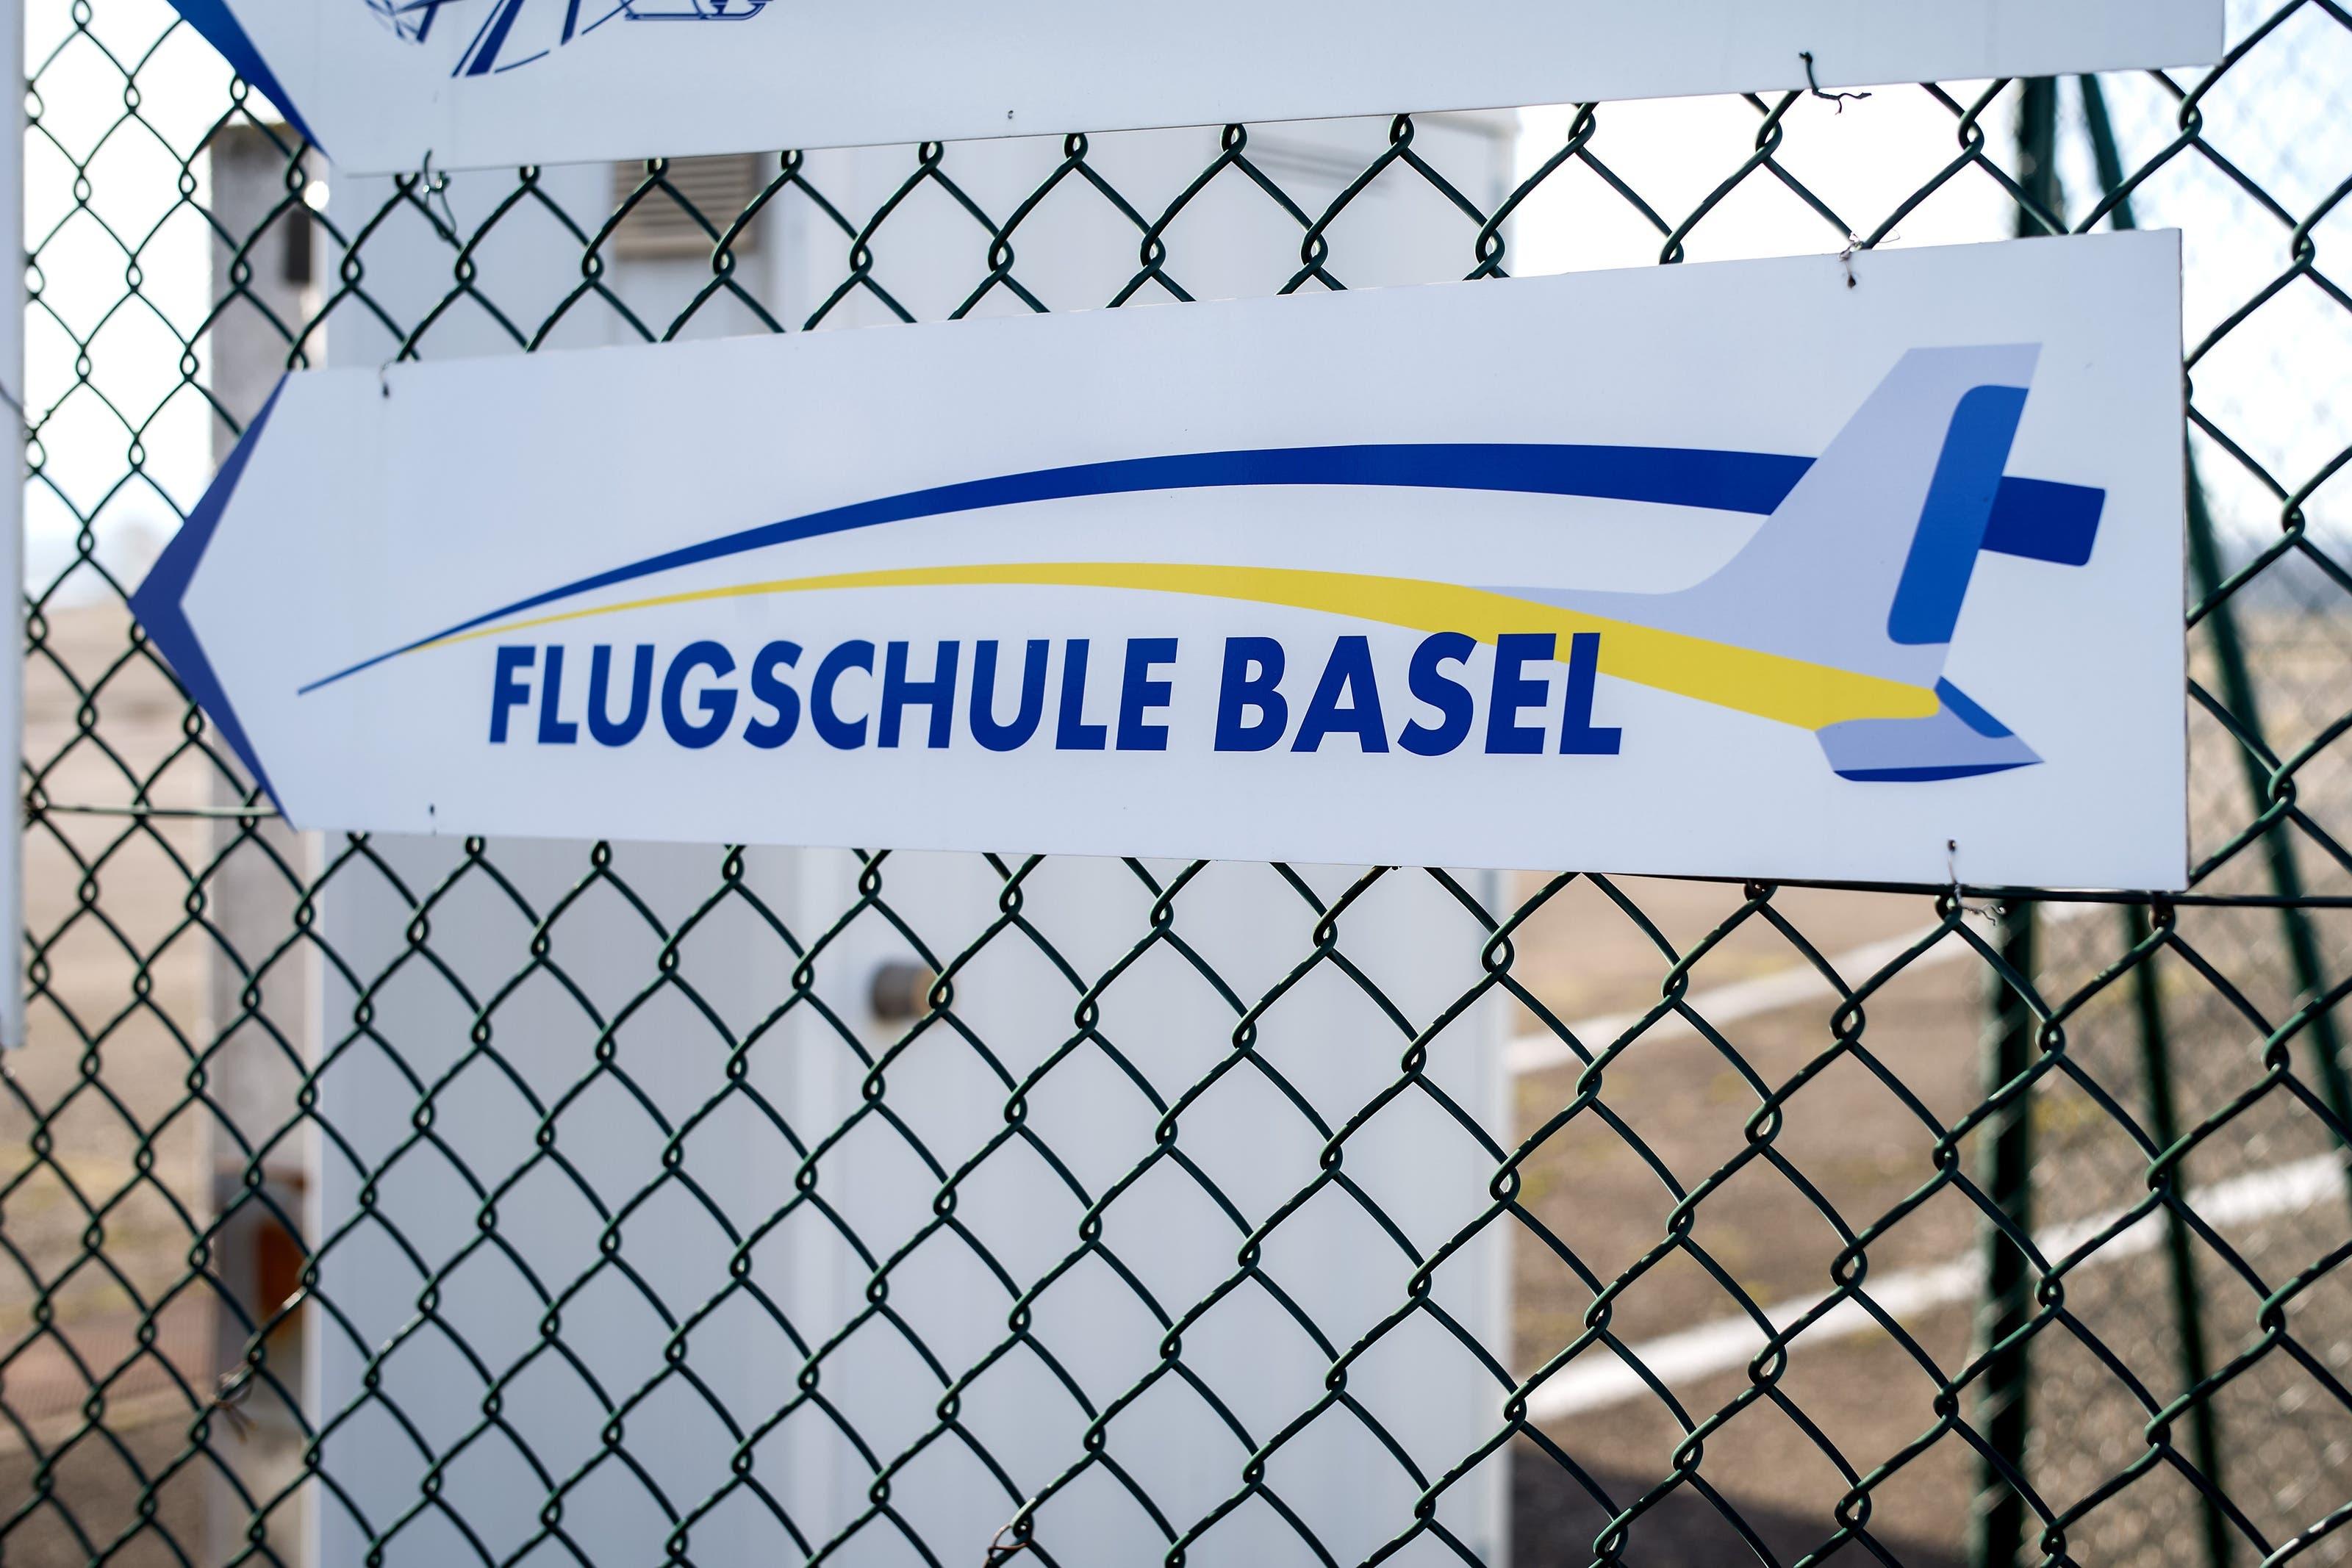 Flugschule Basel Flugschule Basel am Euro Airport, Logos und Gebäude.